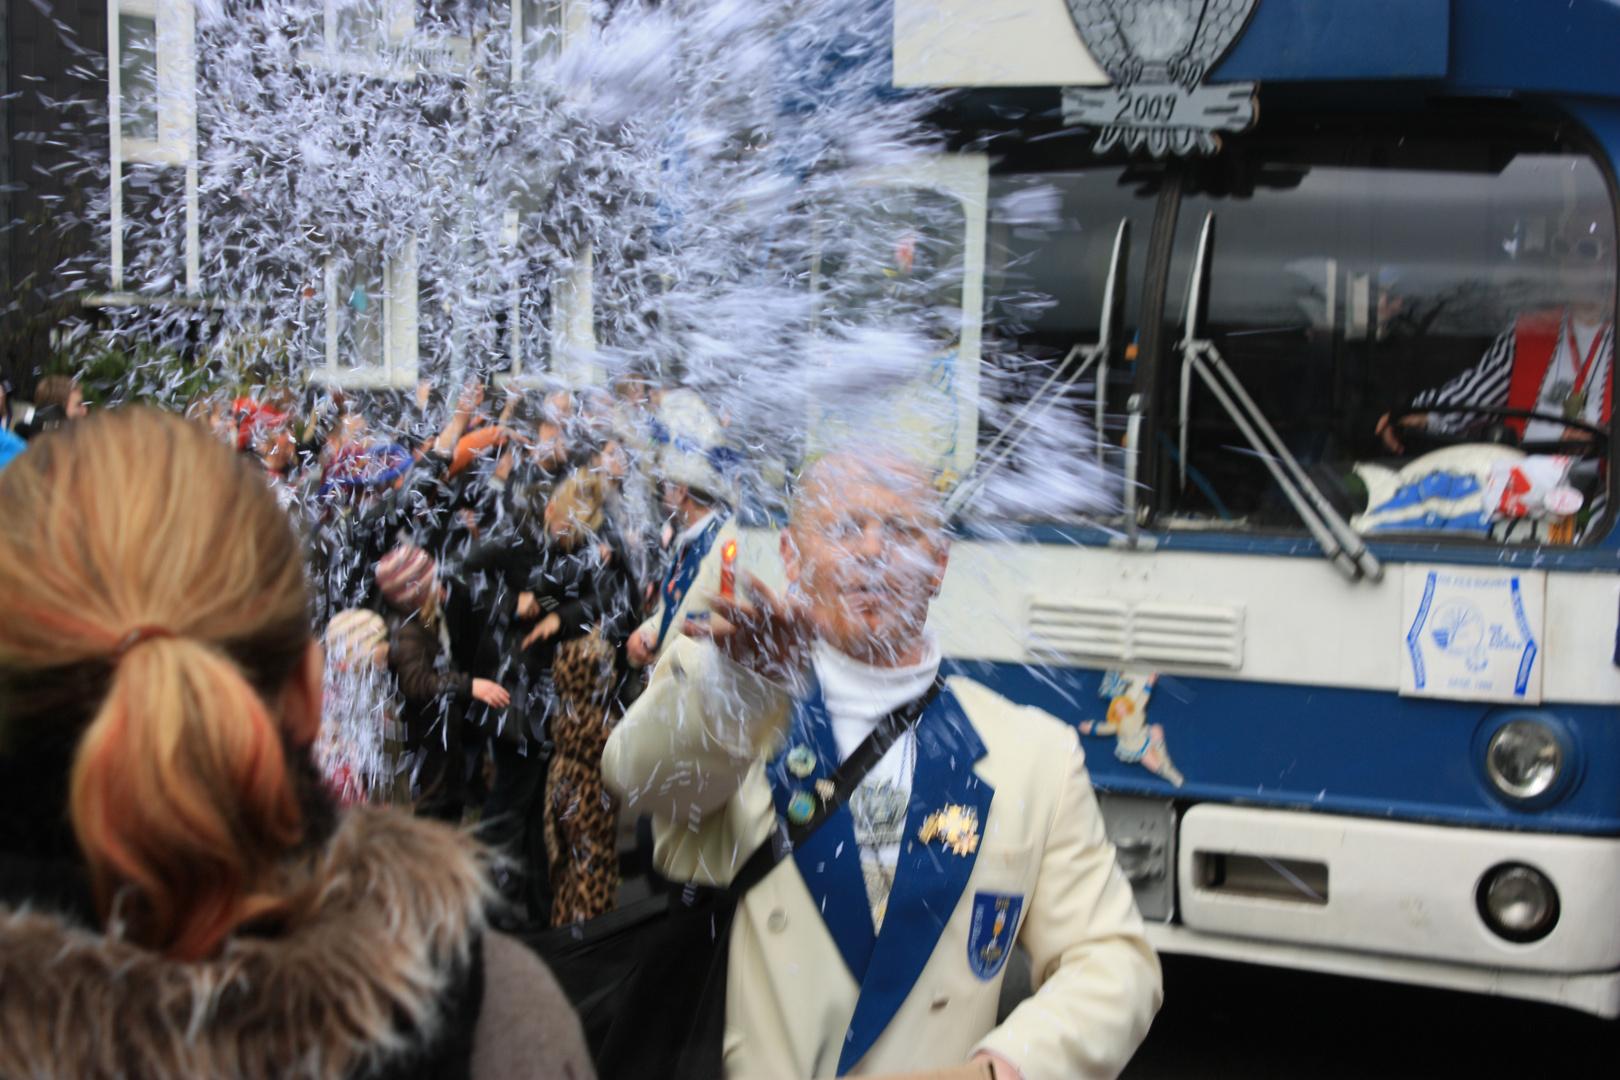 Karneval in Neumühl